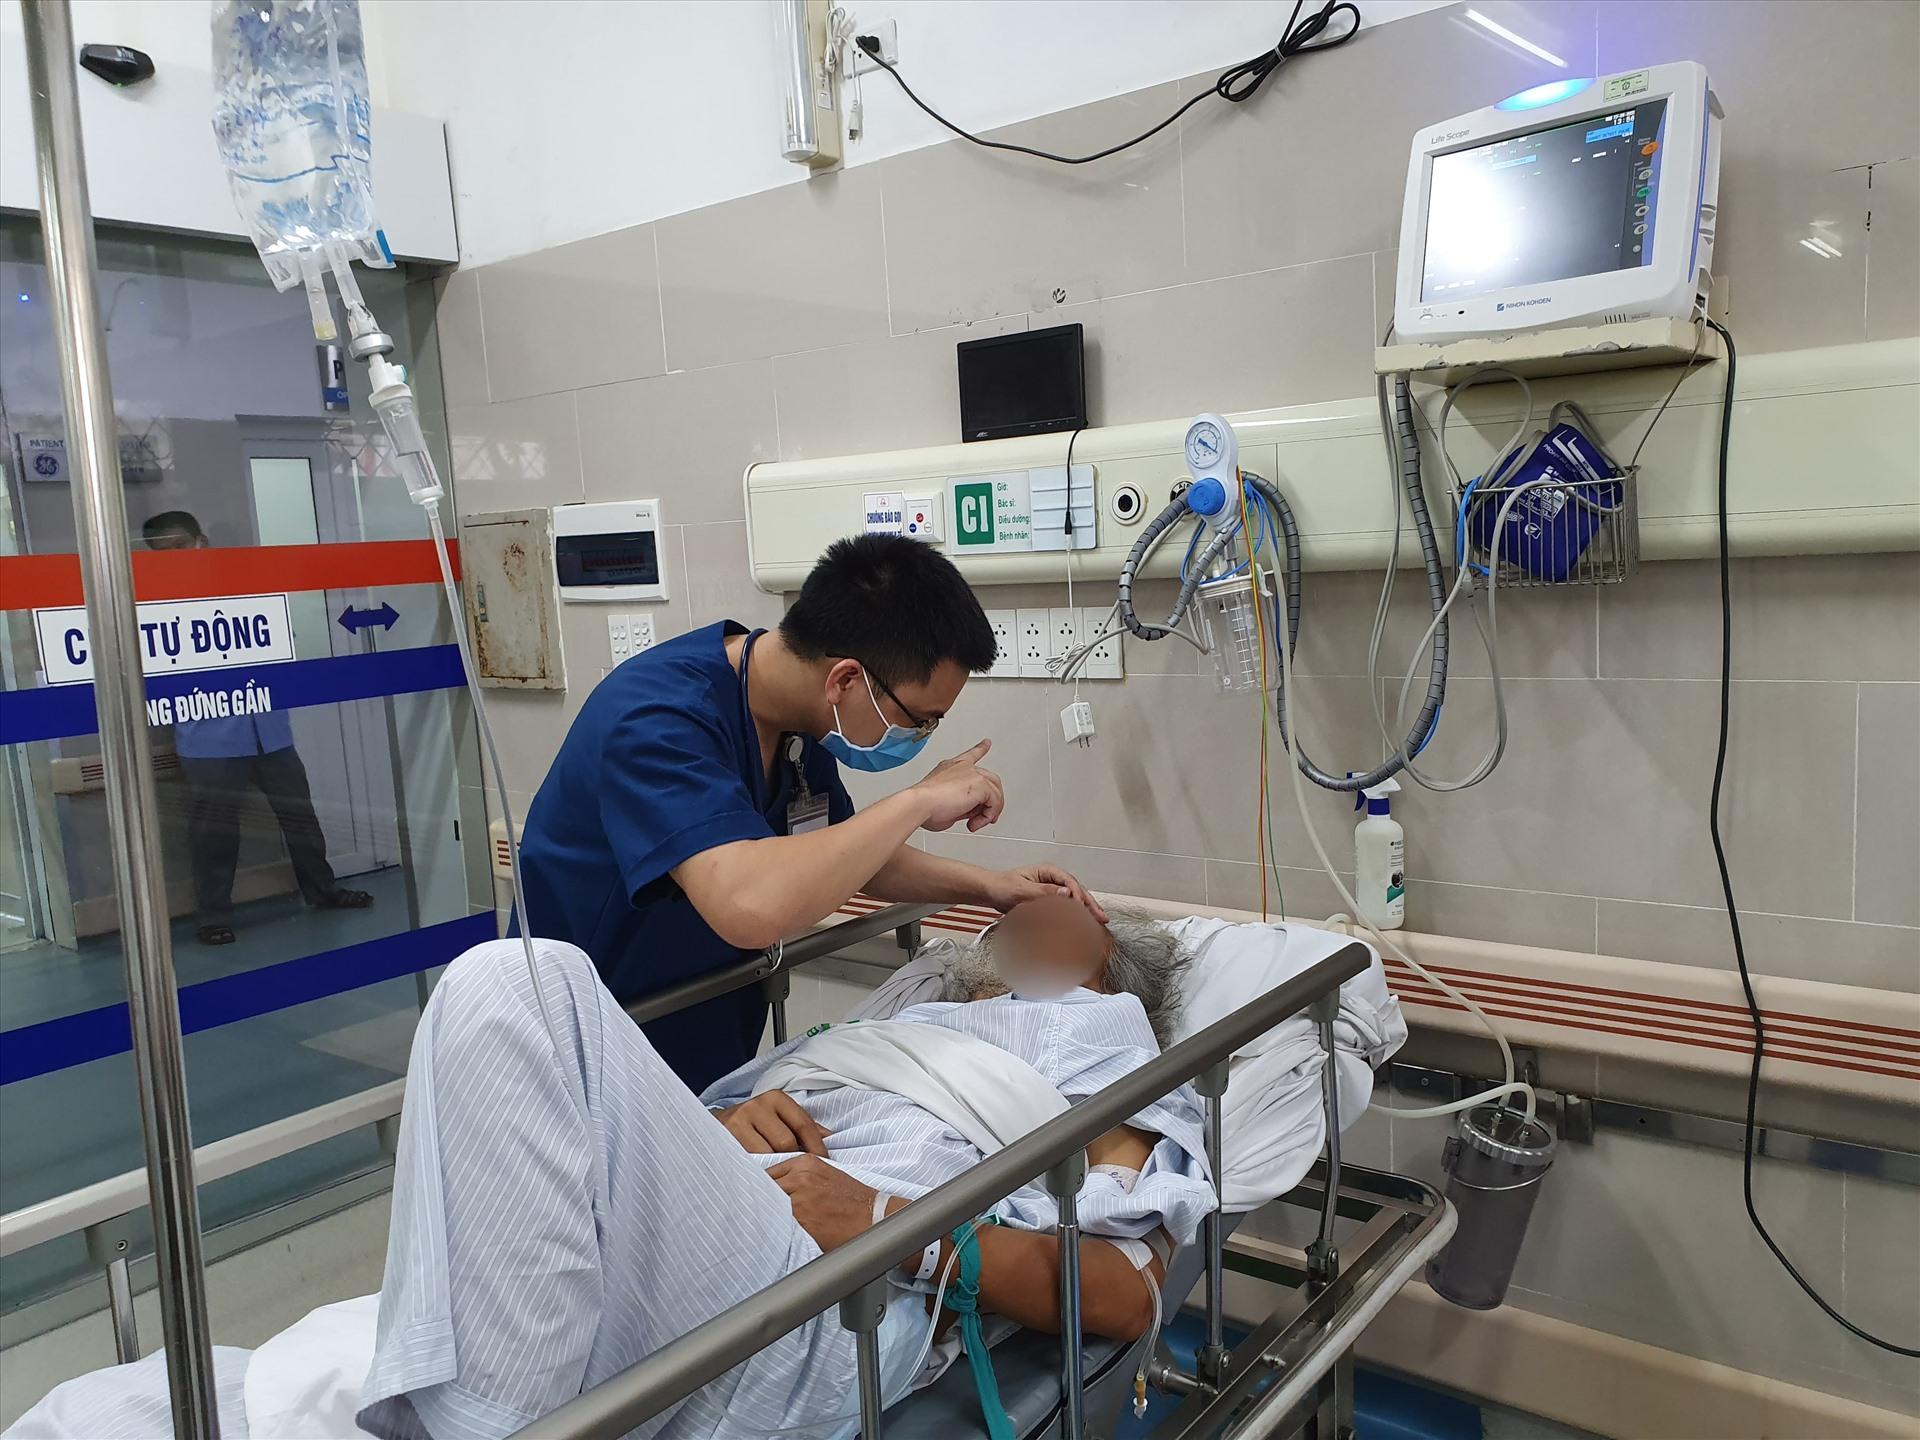 Bác sĩ khoa Cấp cứu đang thăm khám cho một bệnh nhân đột quỵ vào viện trong tình trạng rối lọan ý thức, liệt nửa người bên phải. Ảnh: Mai Thanh